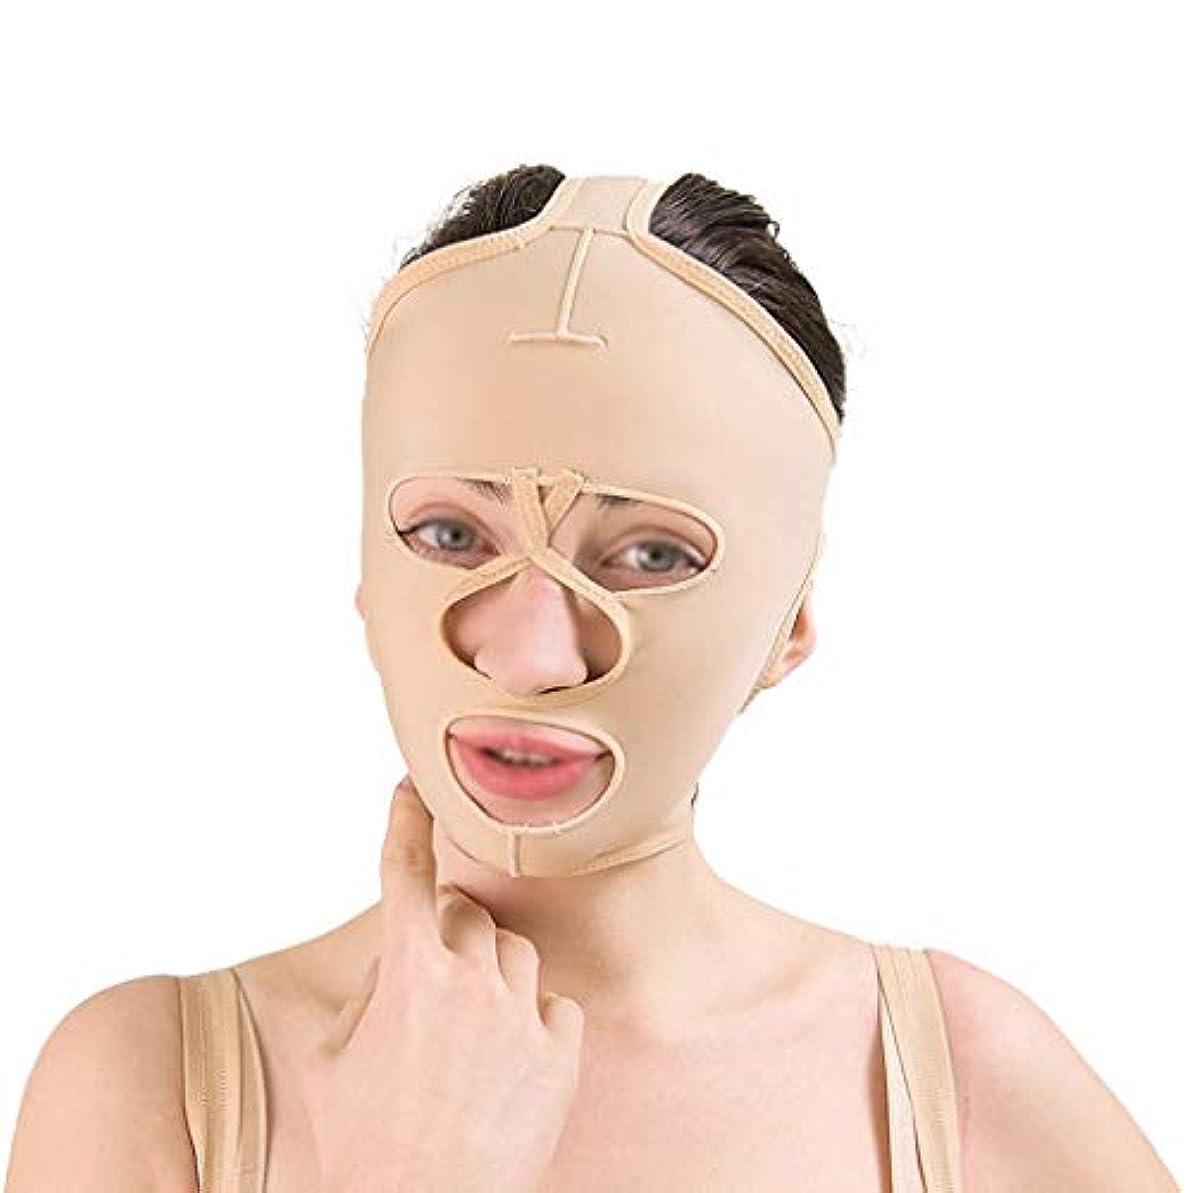 インターネット栄光の資本フェイシャルリフティングツール、フェイシャルビューティーリフティングマスク、通気性引き締めリフティングフェイシャル包帯、フェイシャルタイトバンデージ(サイズ:L),S